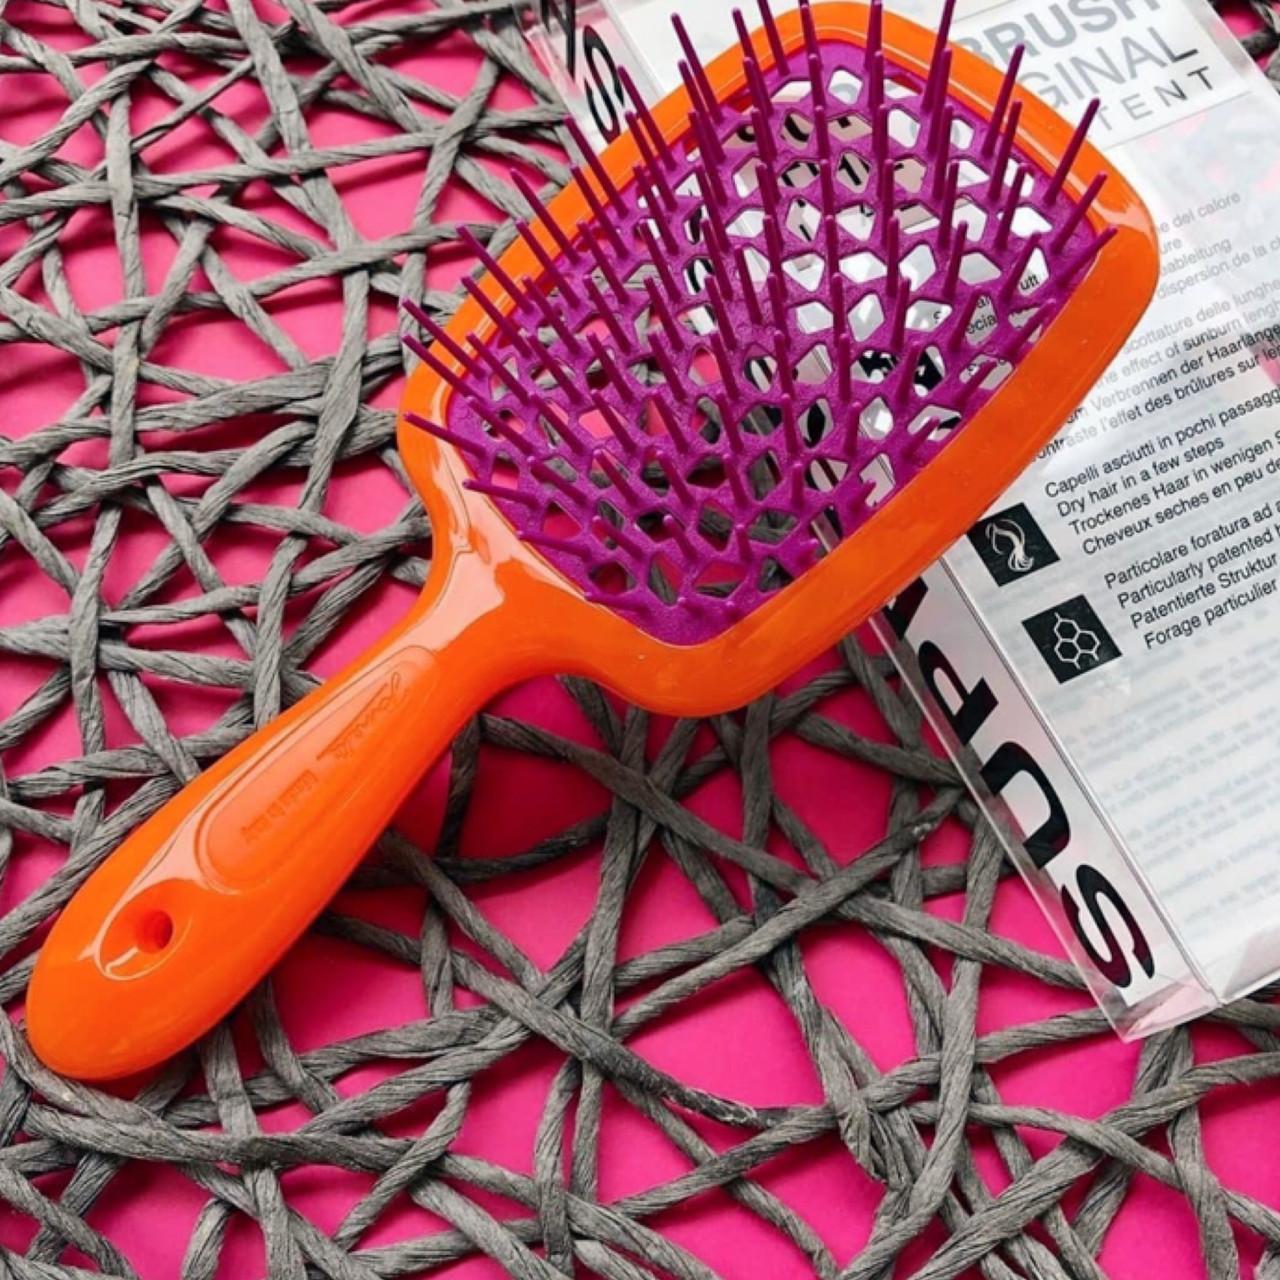 Расческа для волос Janeke 1830 Superbrush, оранжевая с фиолетовым